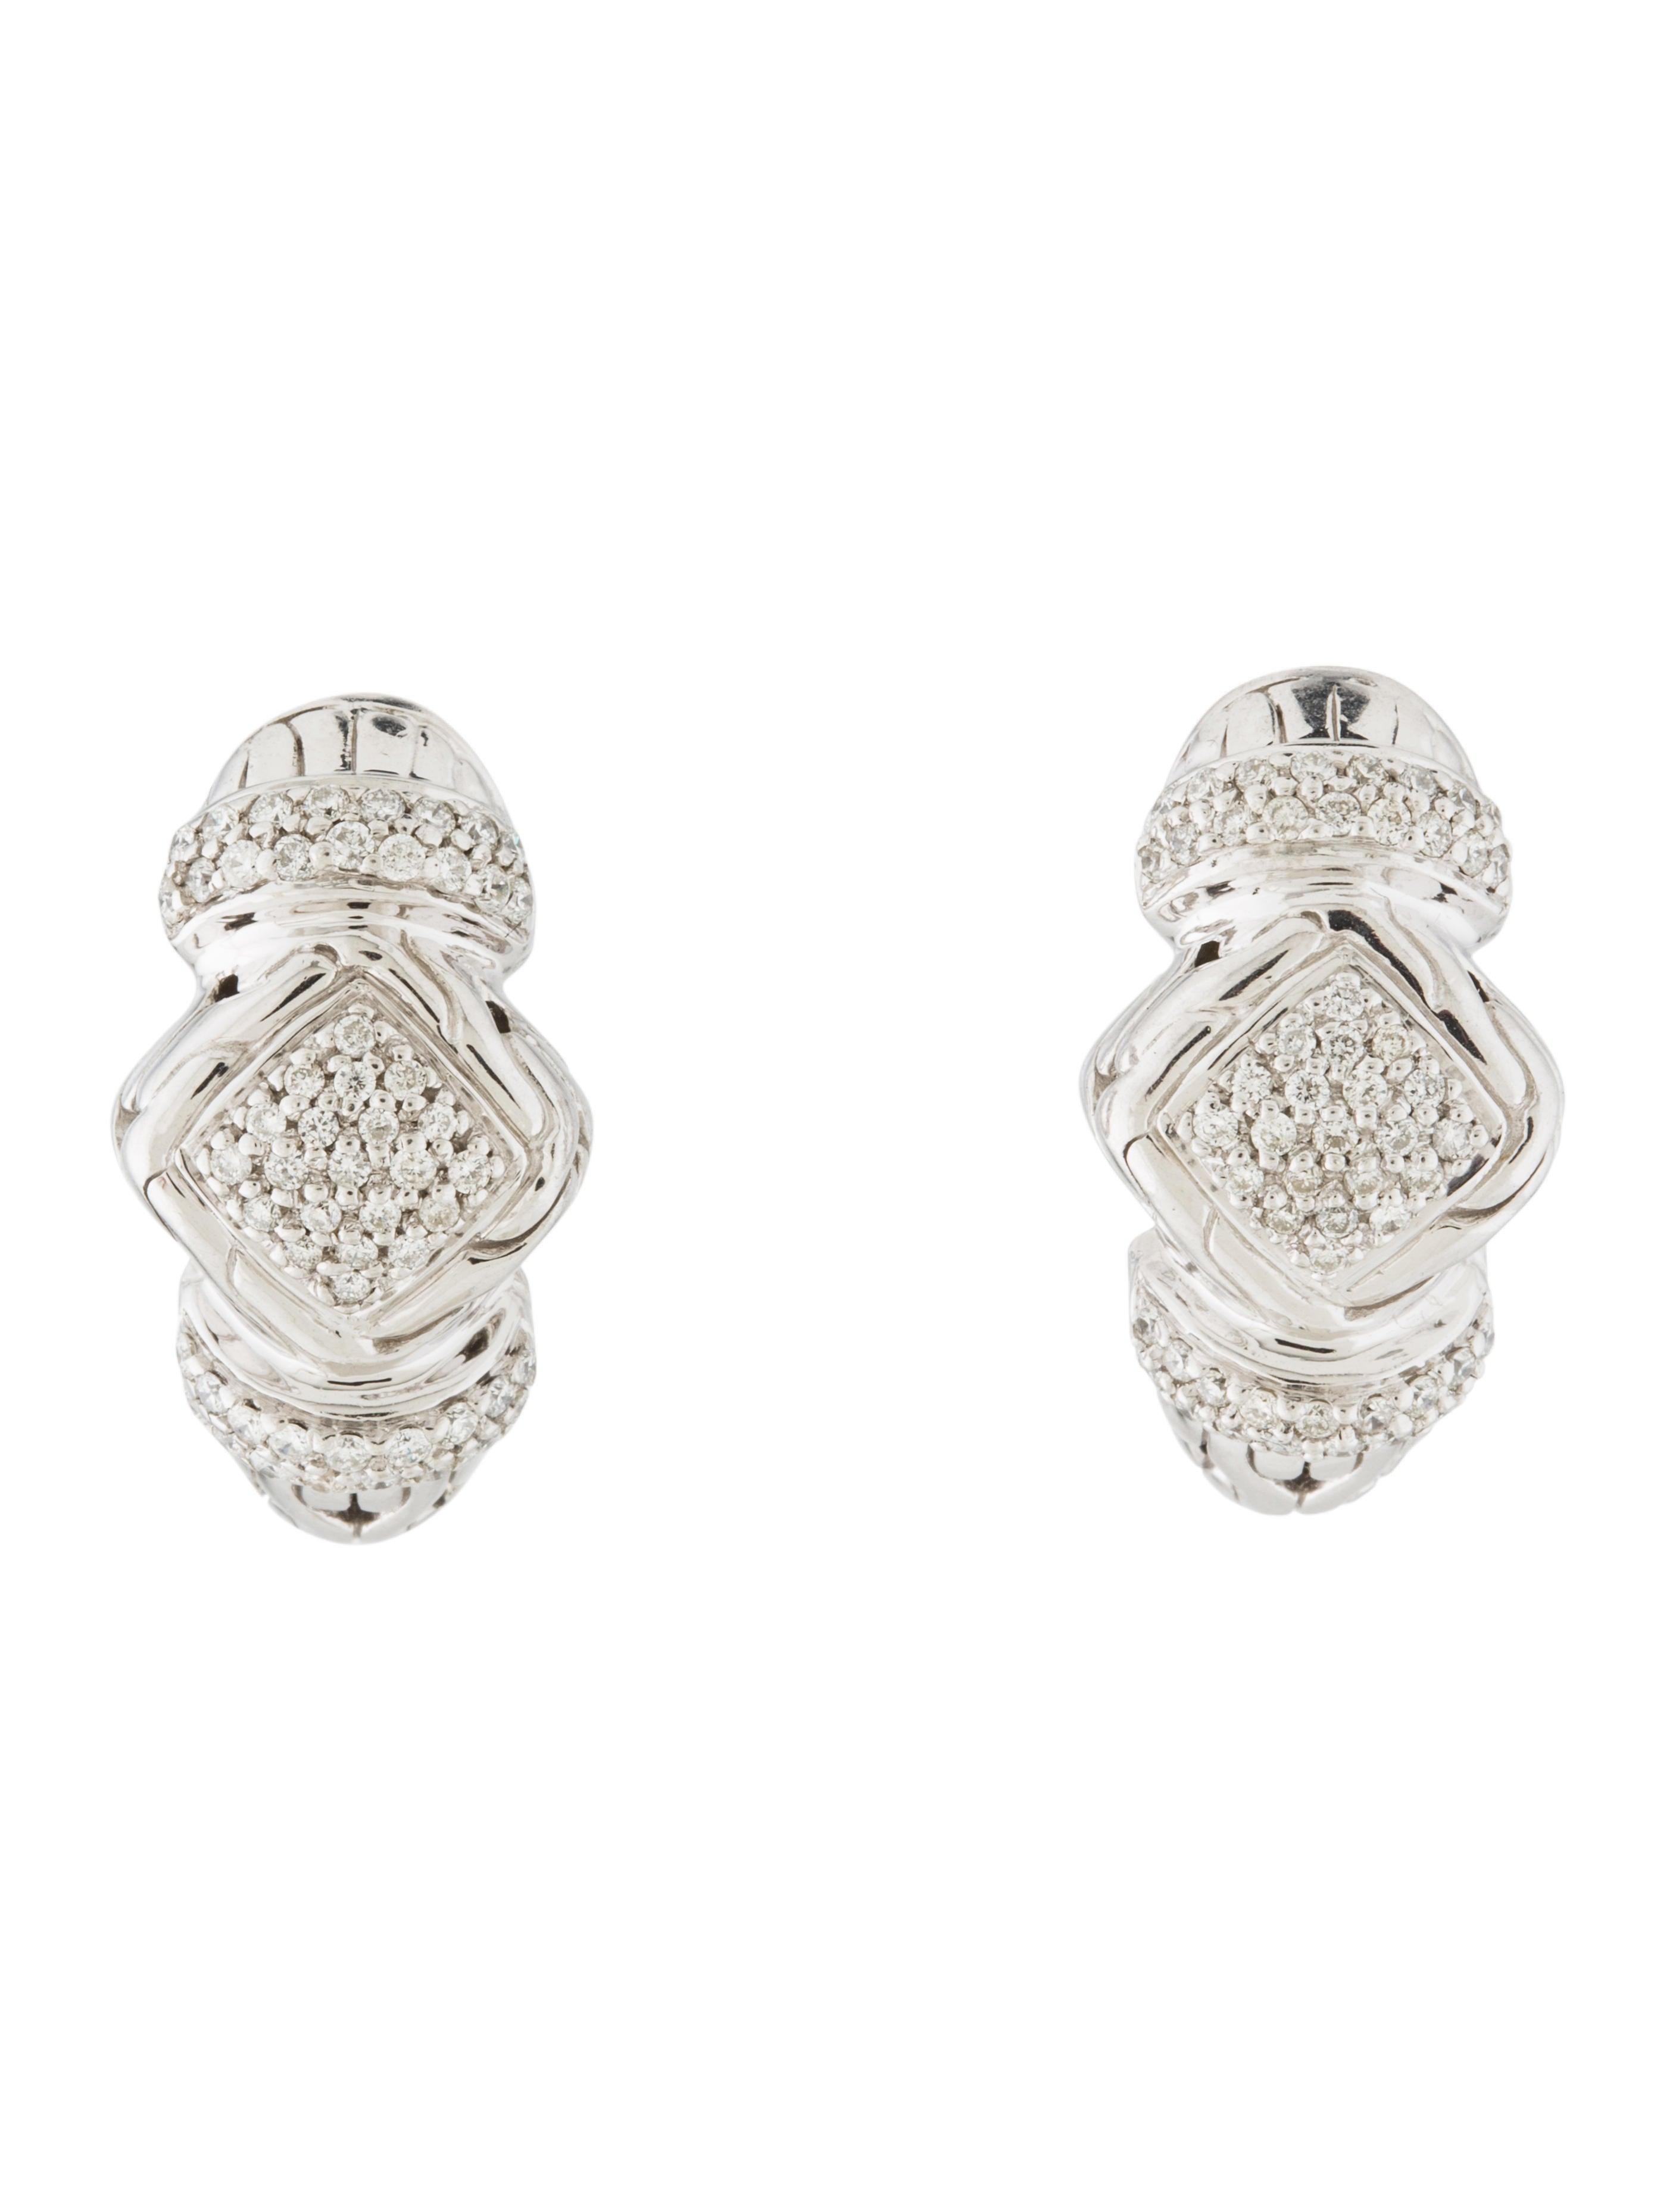 John hardy diamond hoop earrings earrings jha27281 for John hardy jewelry earrings